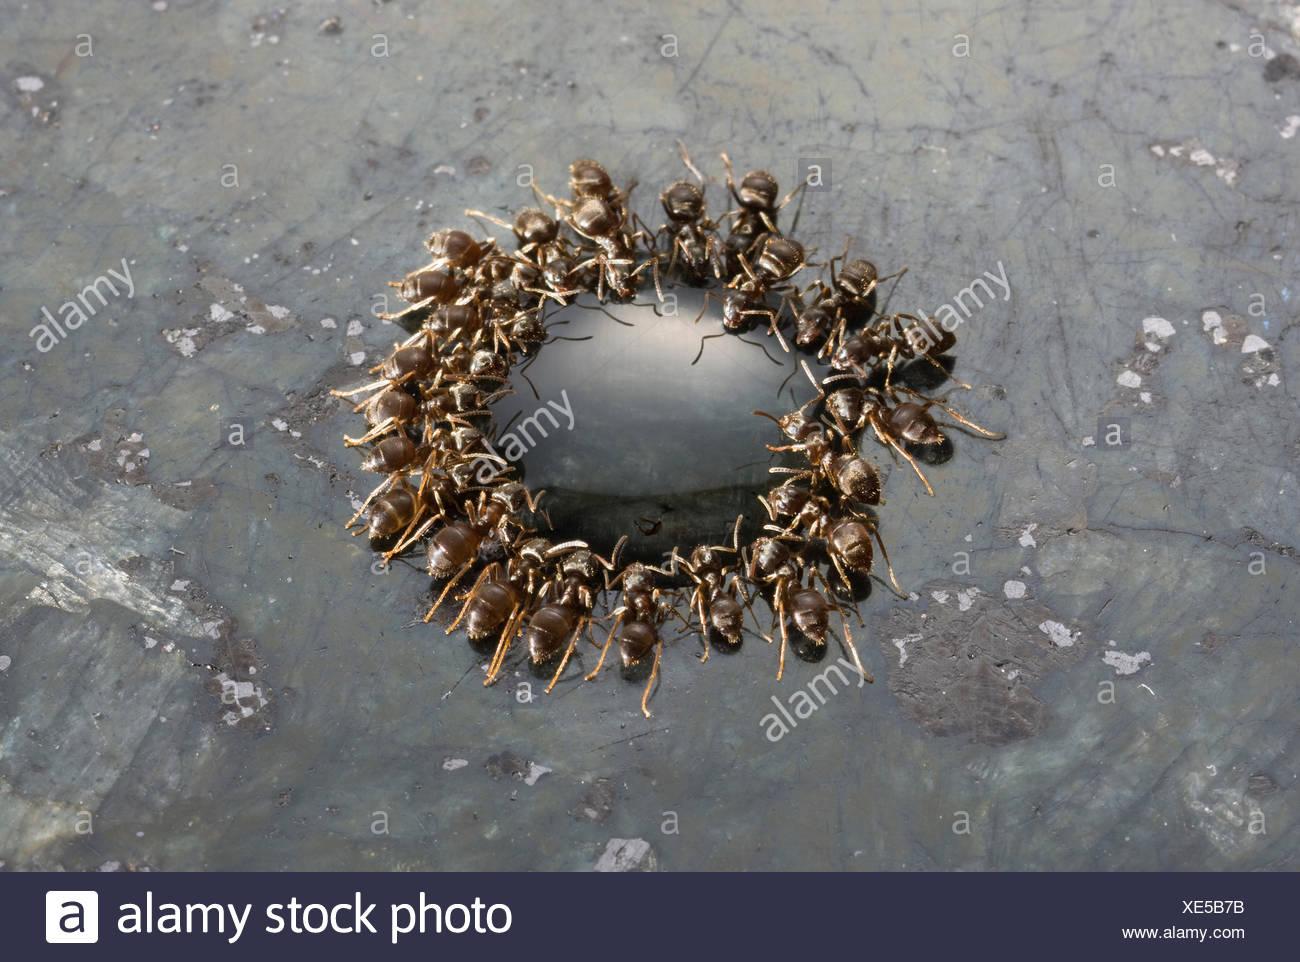 Fourmis noires jardin} {Lasius niger se nourrissant de goutte d'érable sur une surface de travail en granit, UK Photo Stock